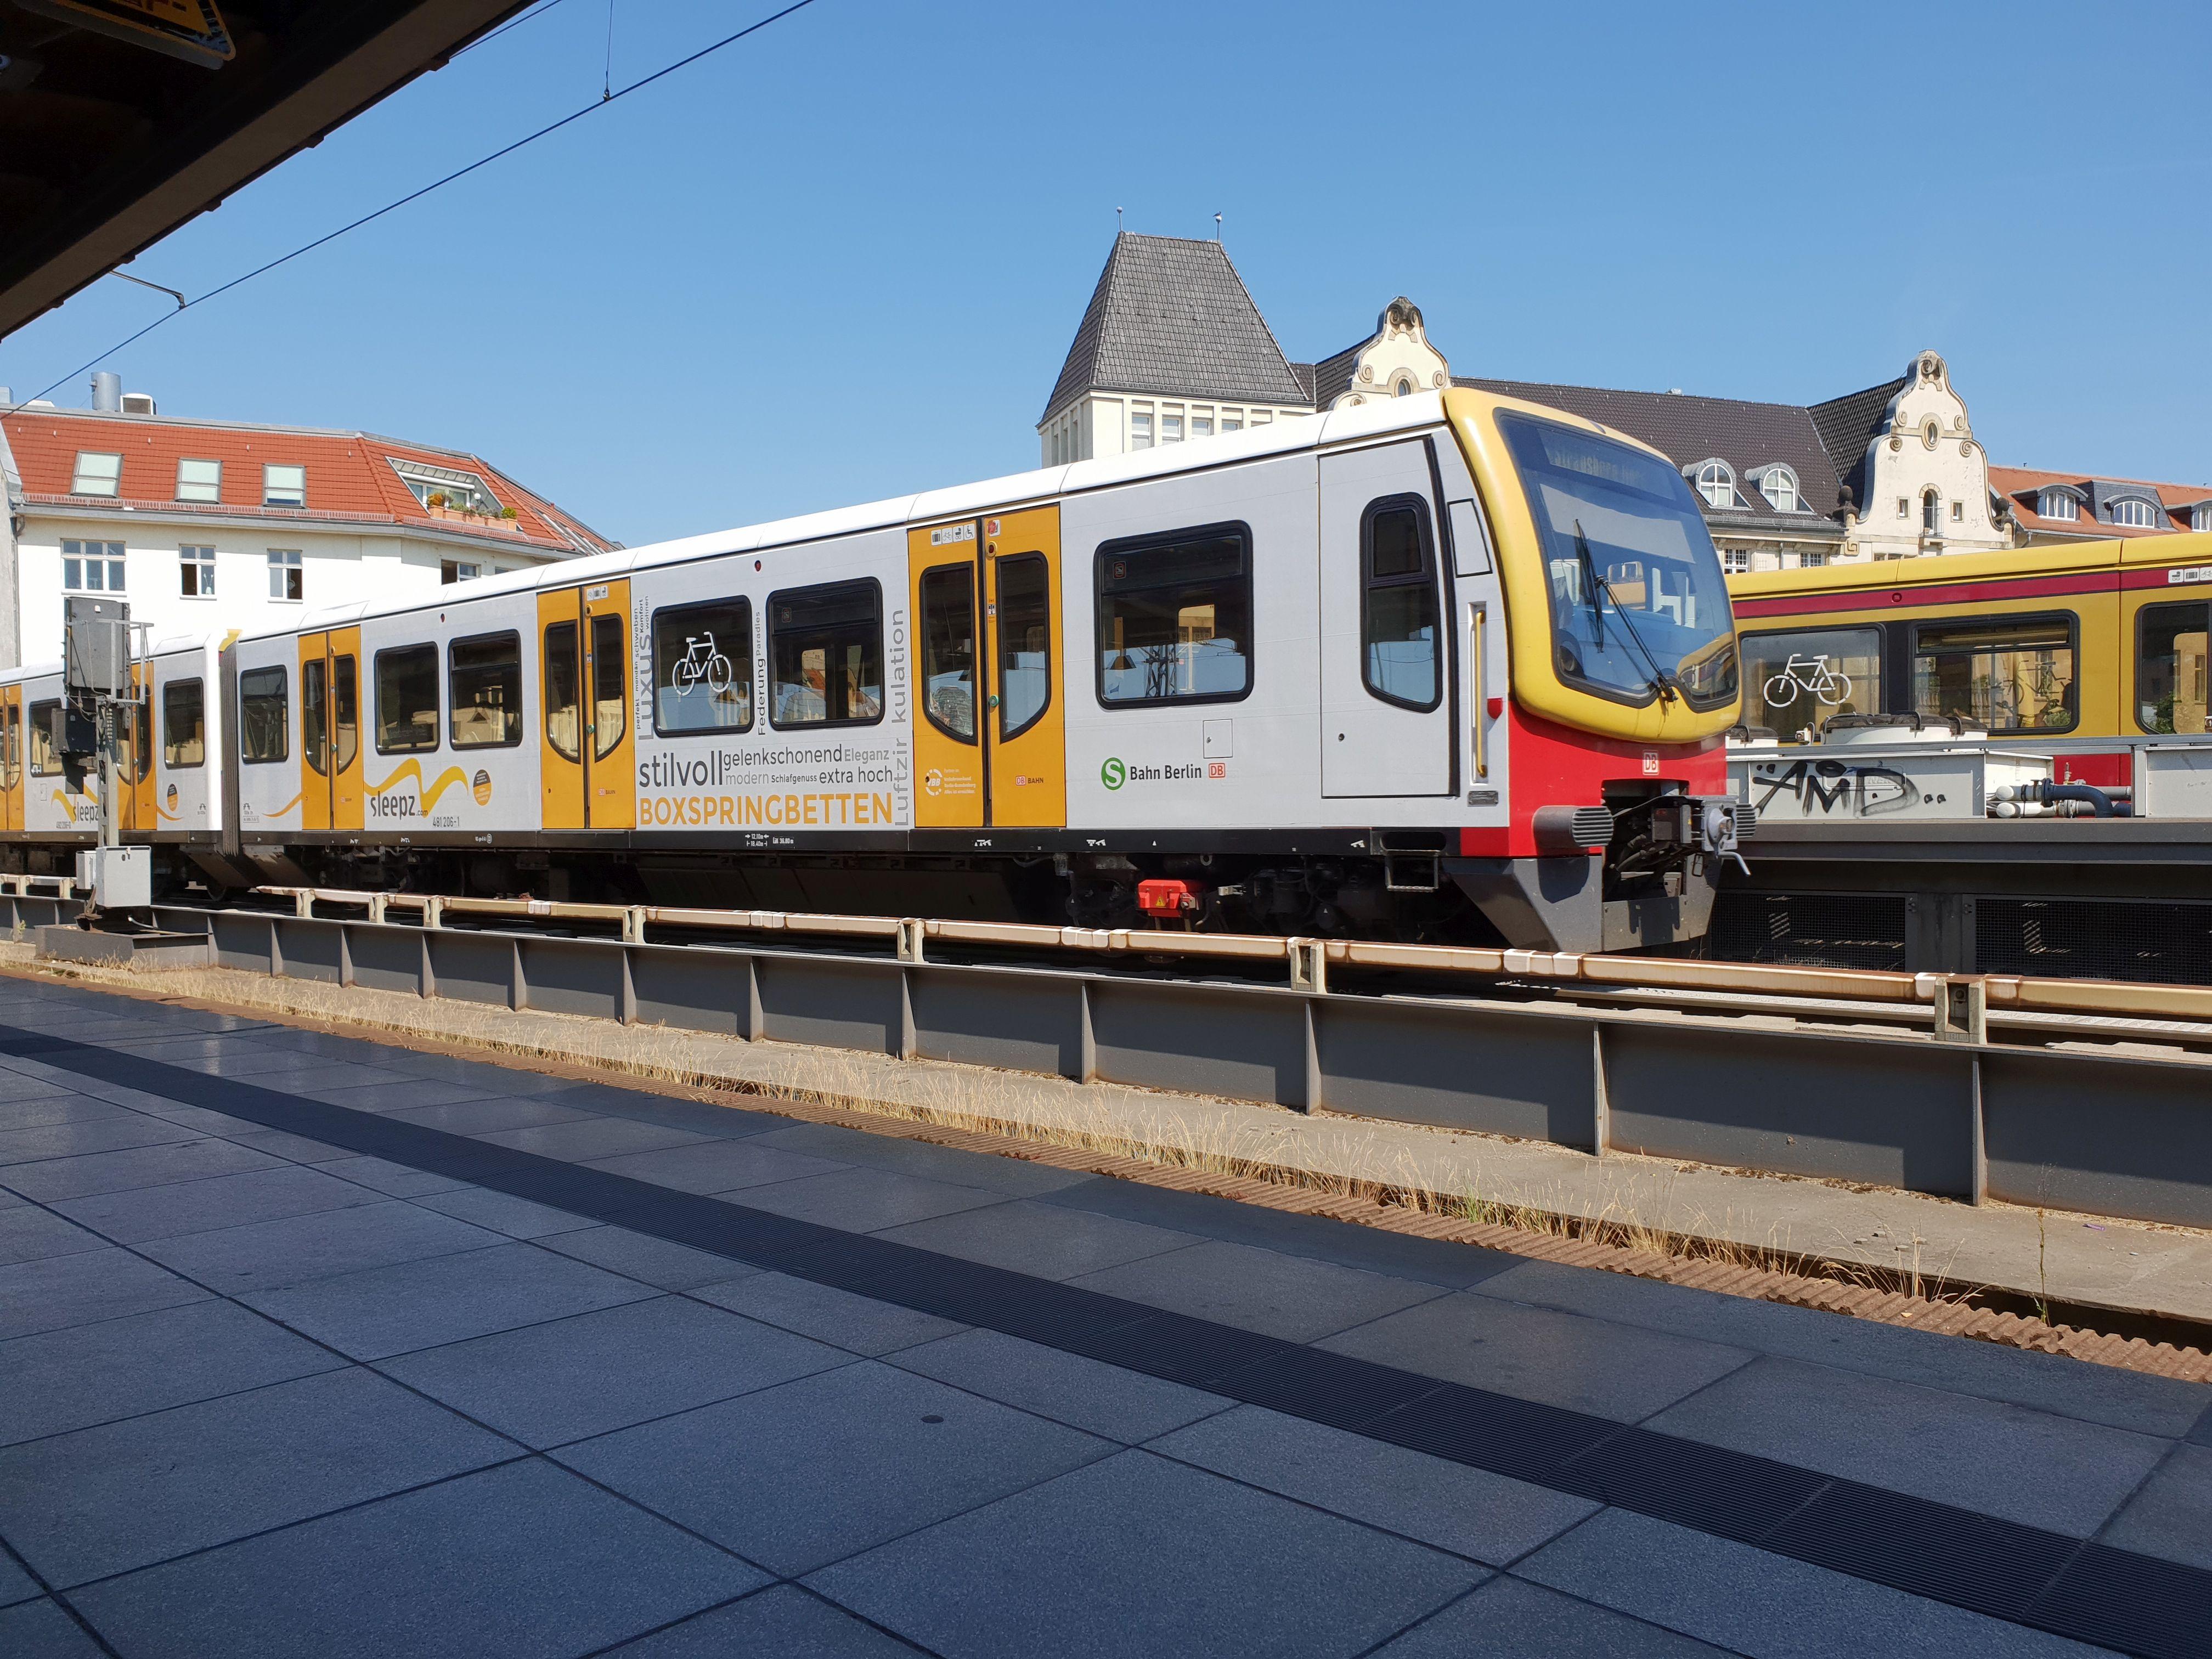 """Foto:S-Bahn 481 206, Baureihe481/482, """"Sleepz"""", Friedrichstr., 2018"""